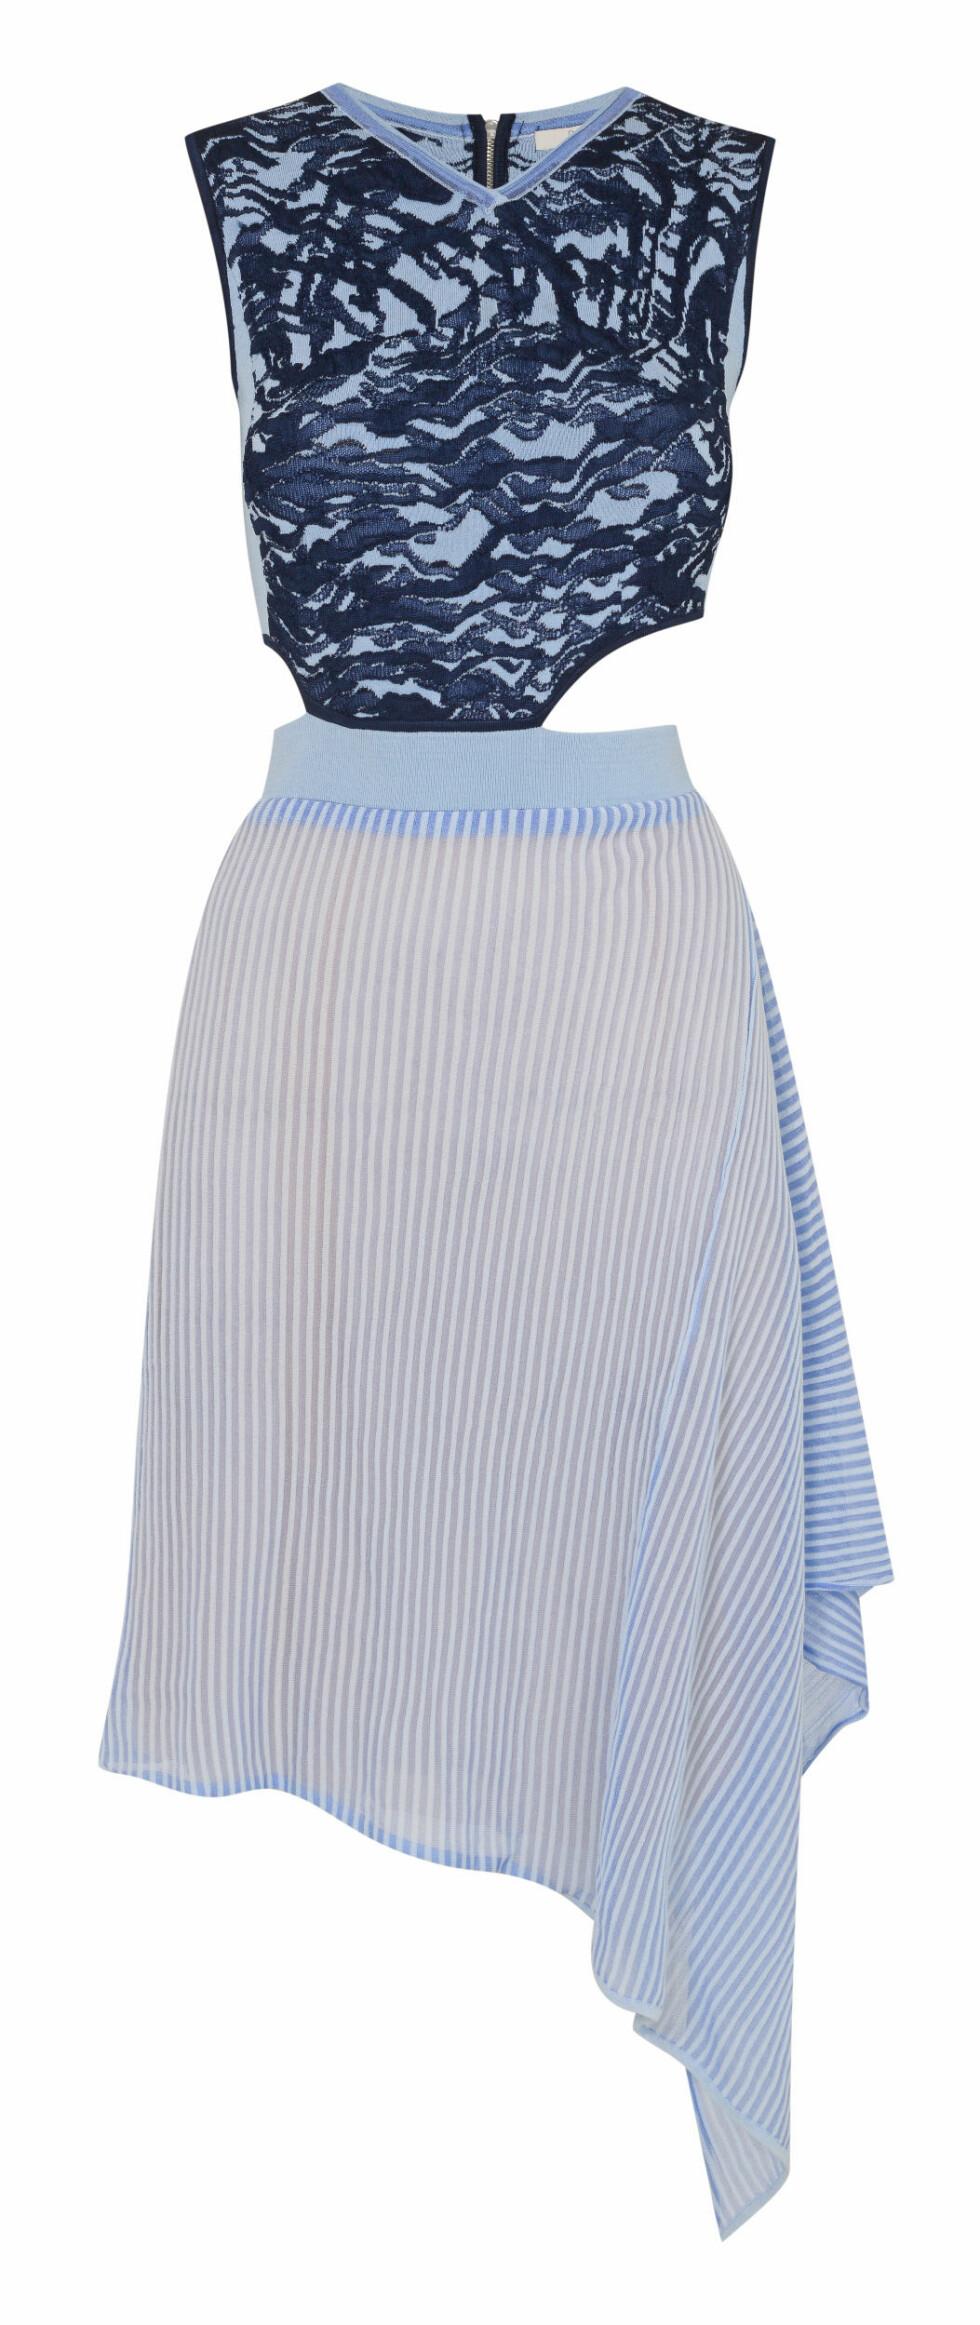 Kjole fra Dagmar, kr 4995. Foto: Produsenten